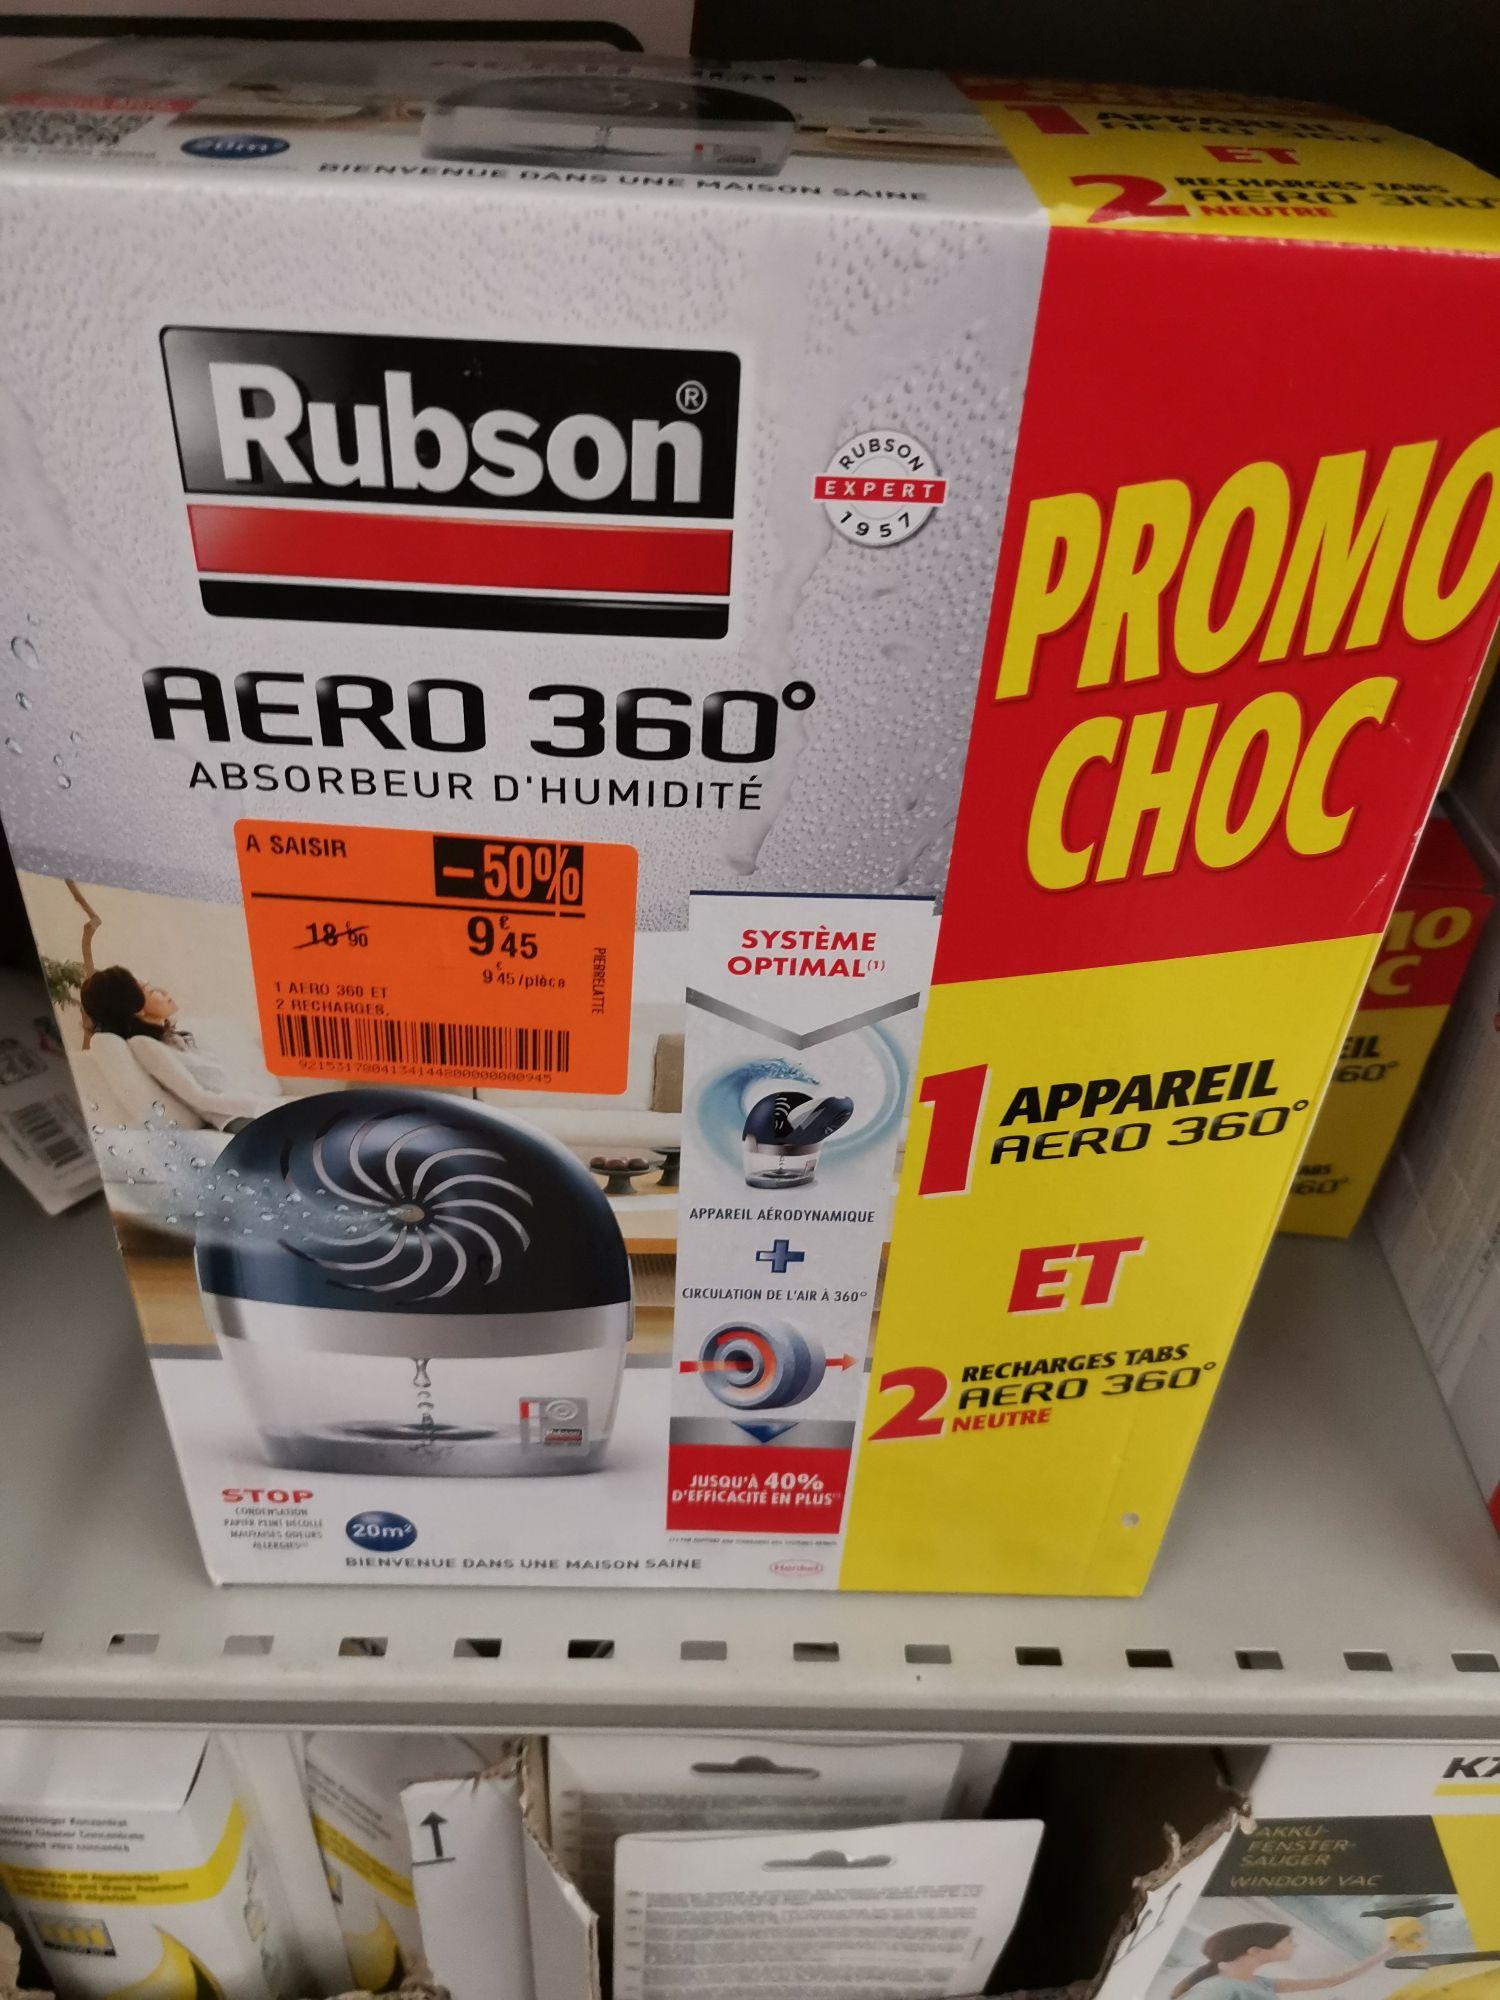 Absorbeur d'humidité Rubson Aero 360° + 2 recharges - Carrefour Pierrelatte (26)